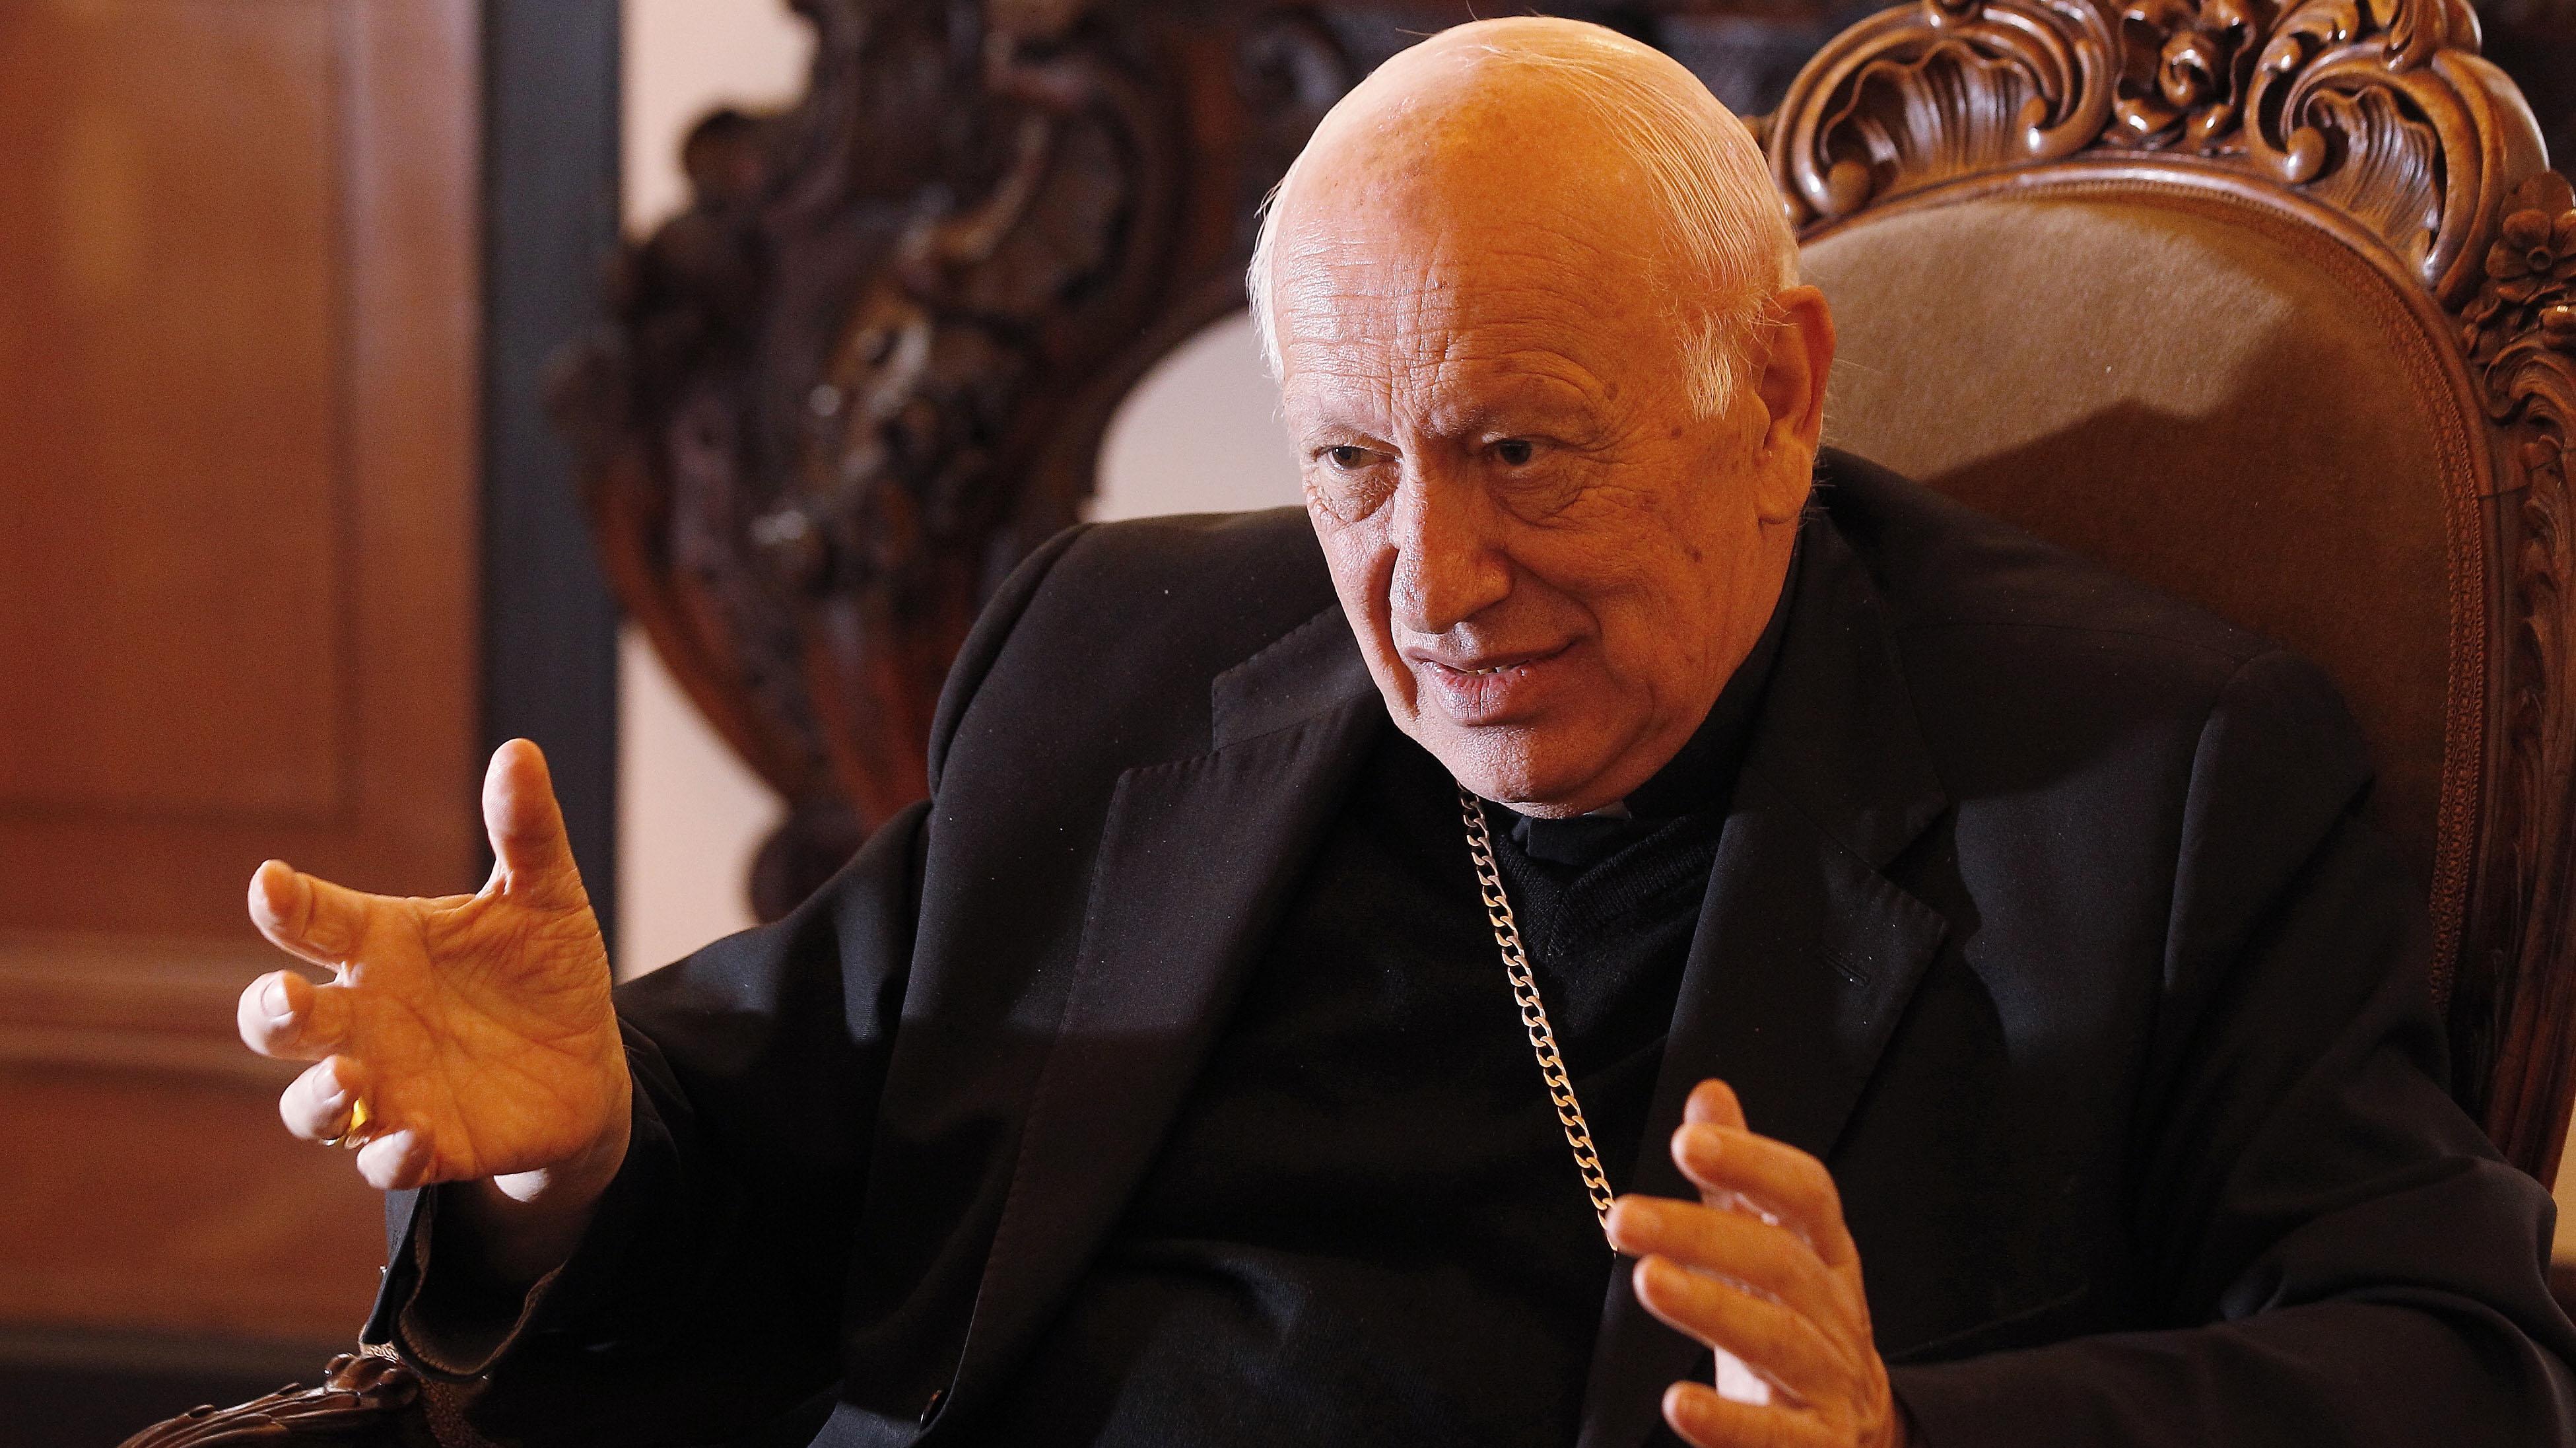 Cardenal Ezzati Se Une A Petición De Feriado En Santiago Por Visita